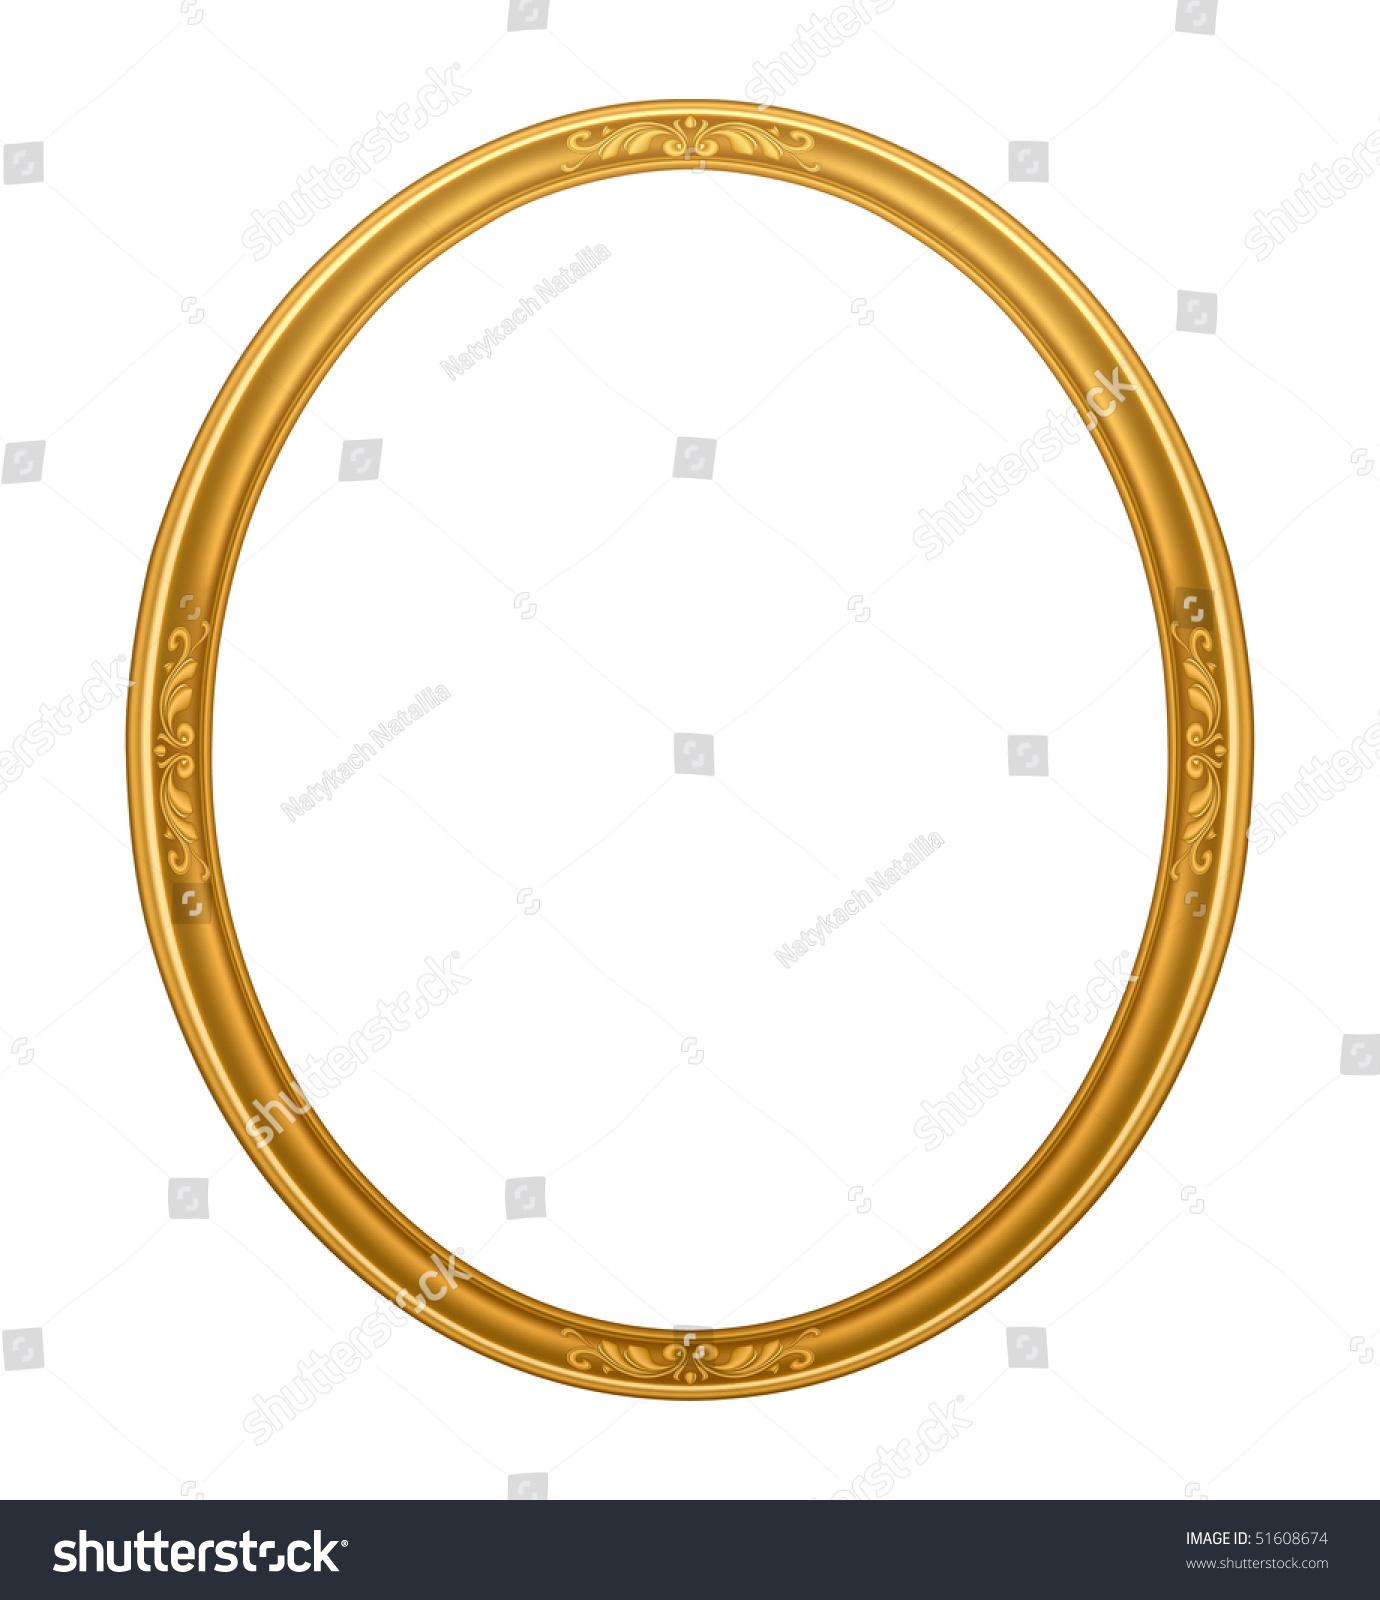 Old Frame, Vector - 51608674 : Shutterstock